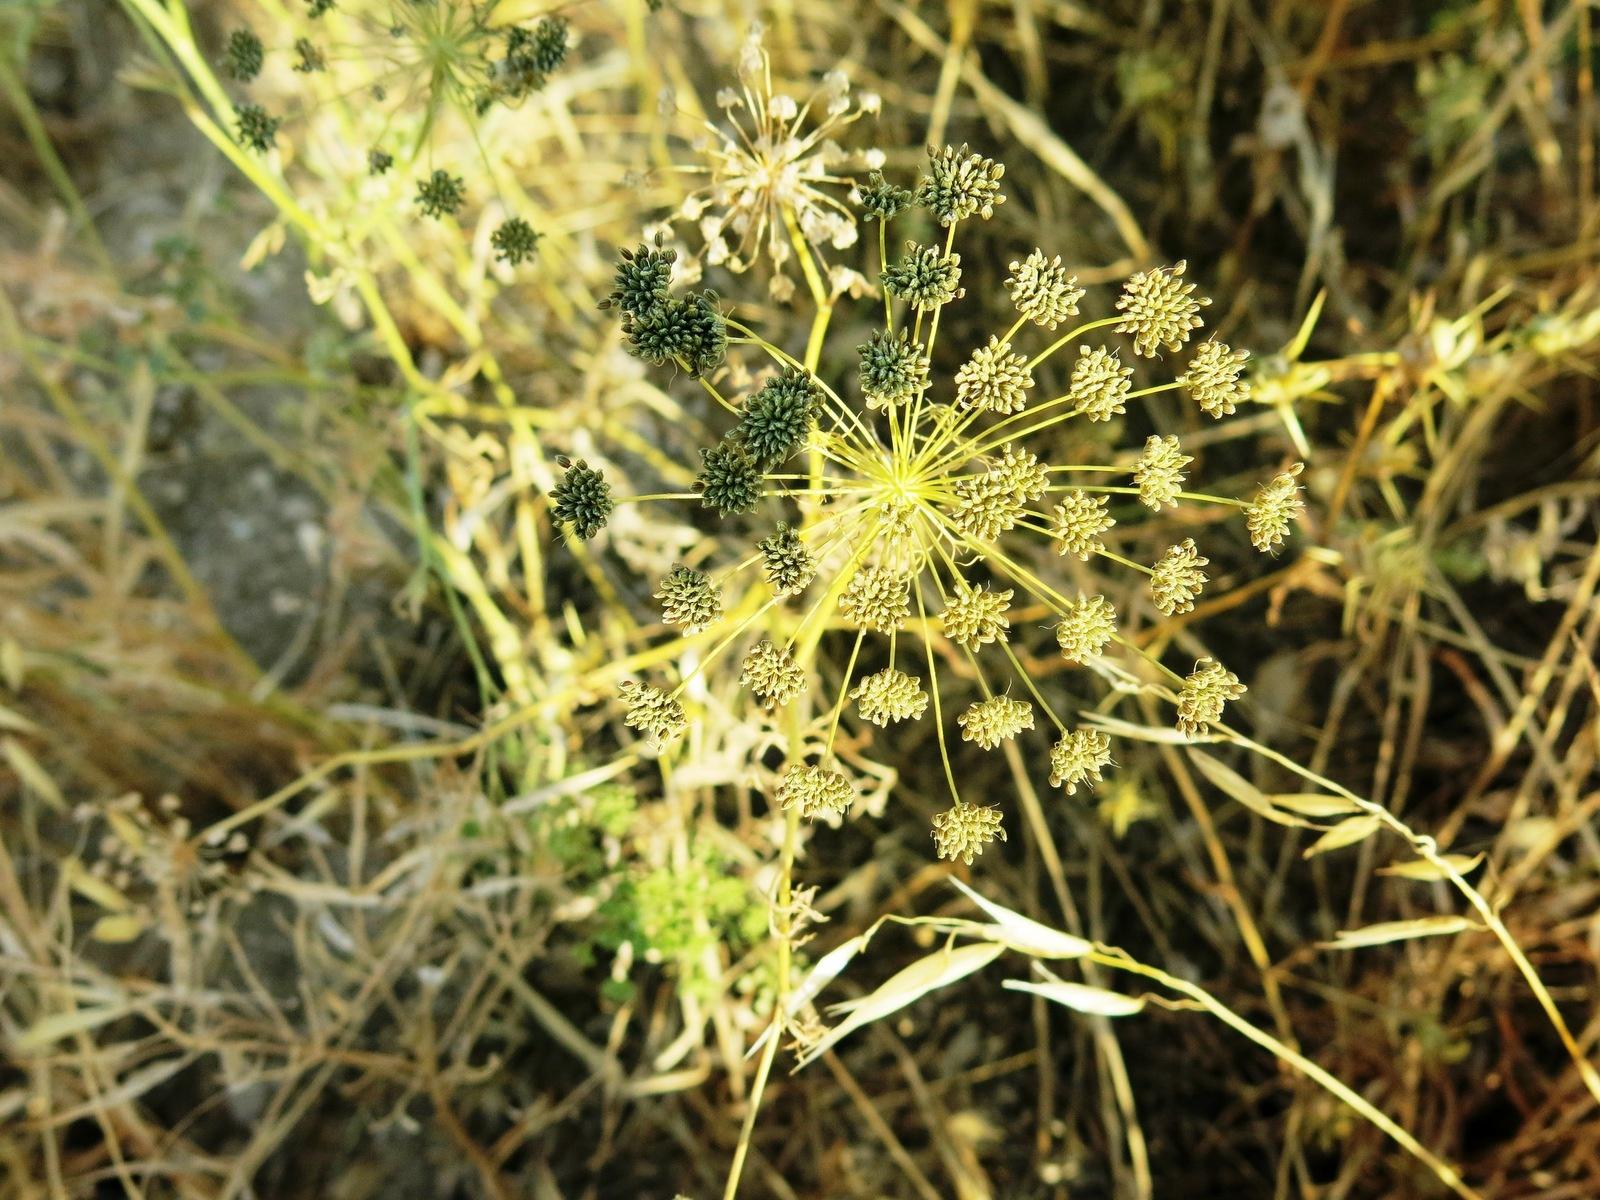 terre sainte en israel Faune et flore Fleur des champs